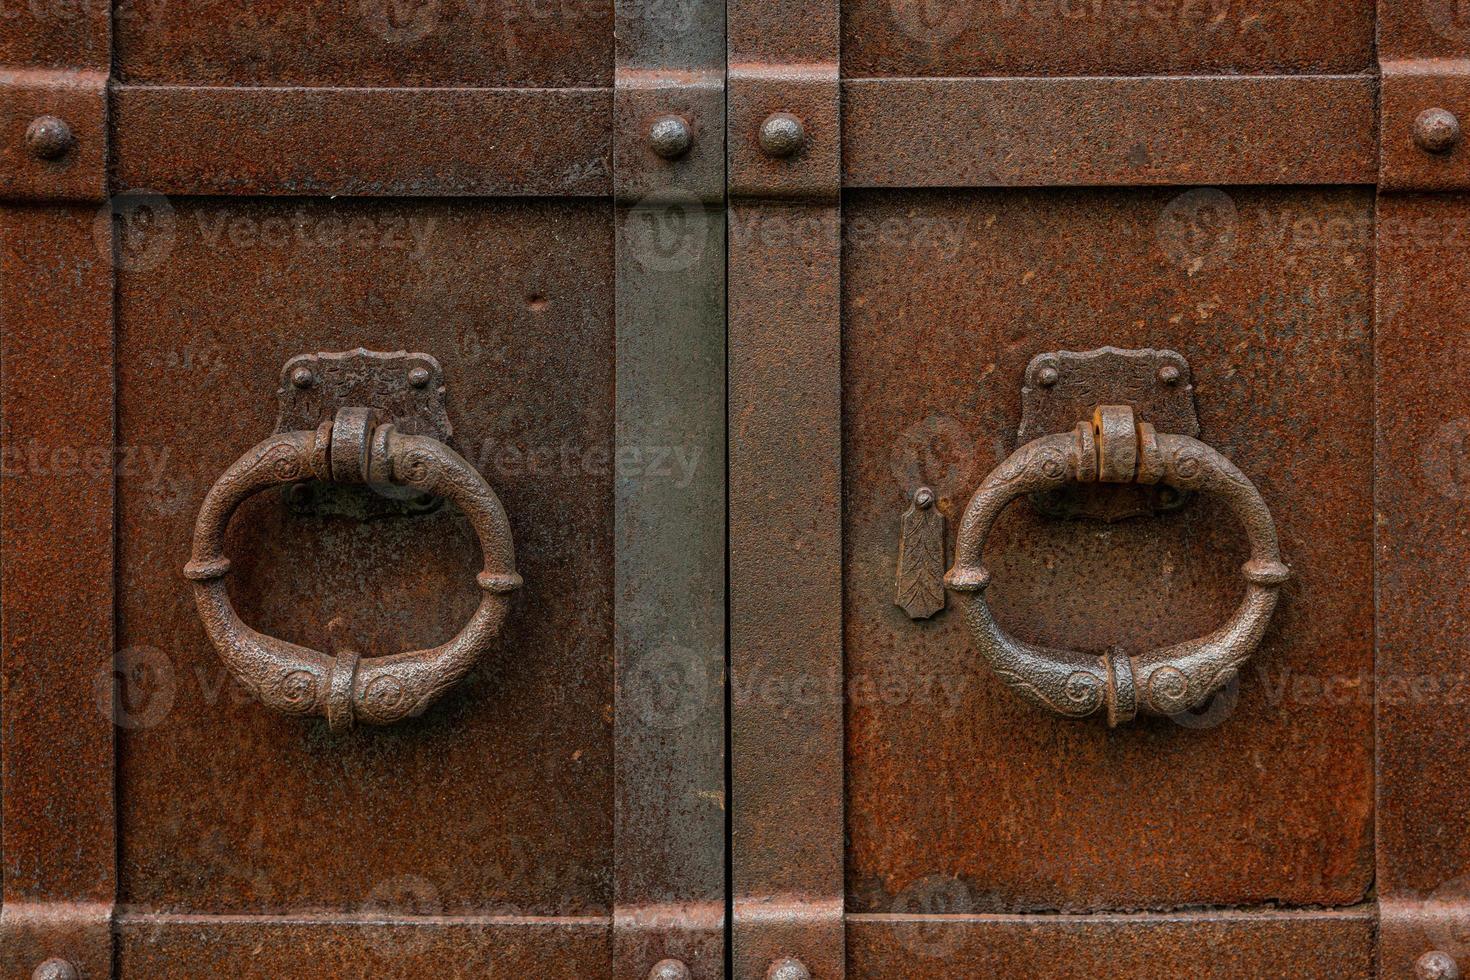 Par de manijas de puerta de hierro oxidado viejo foto